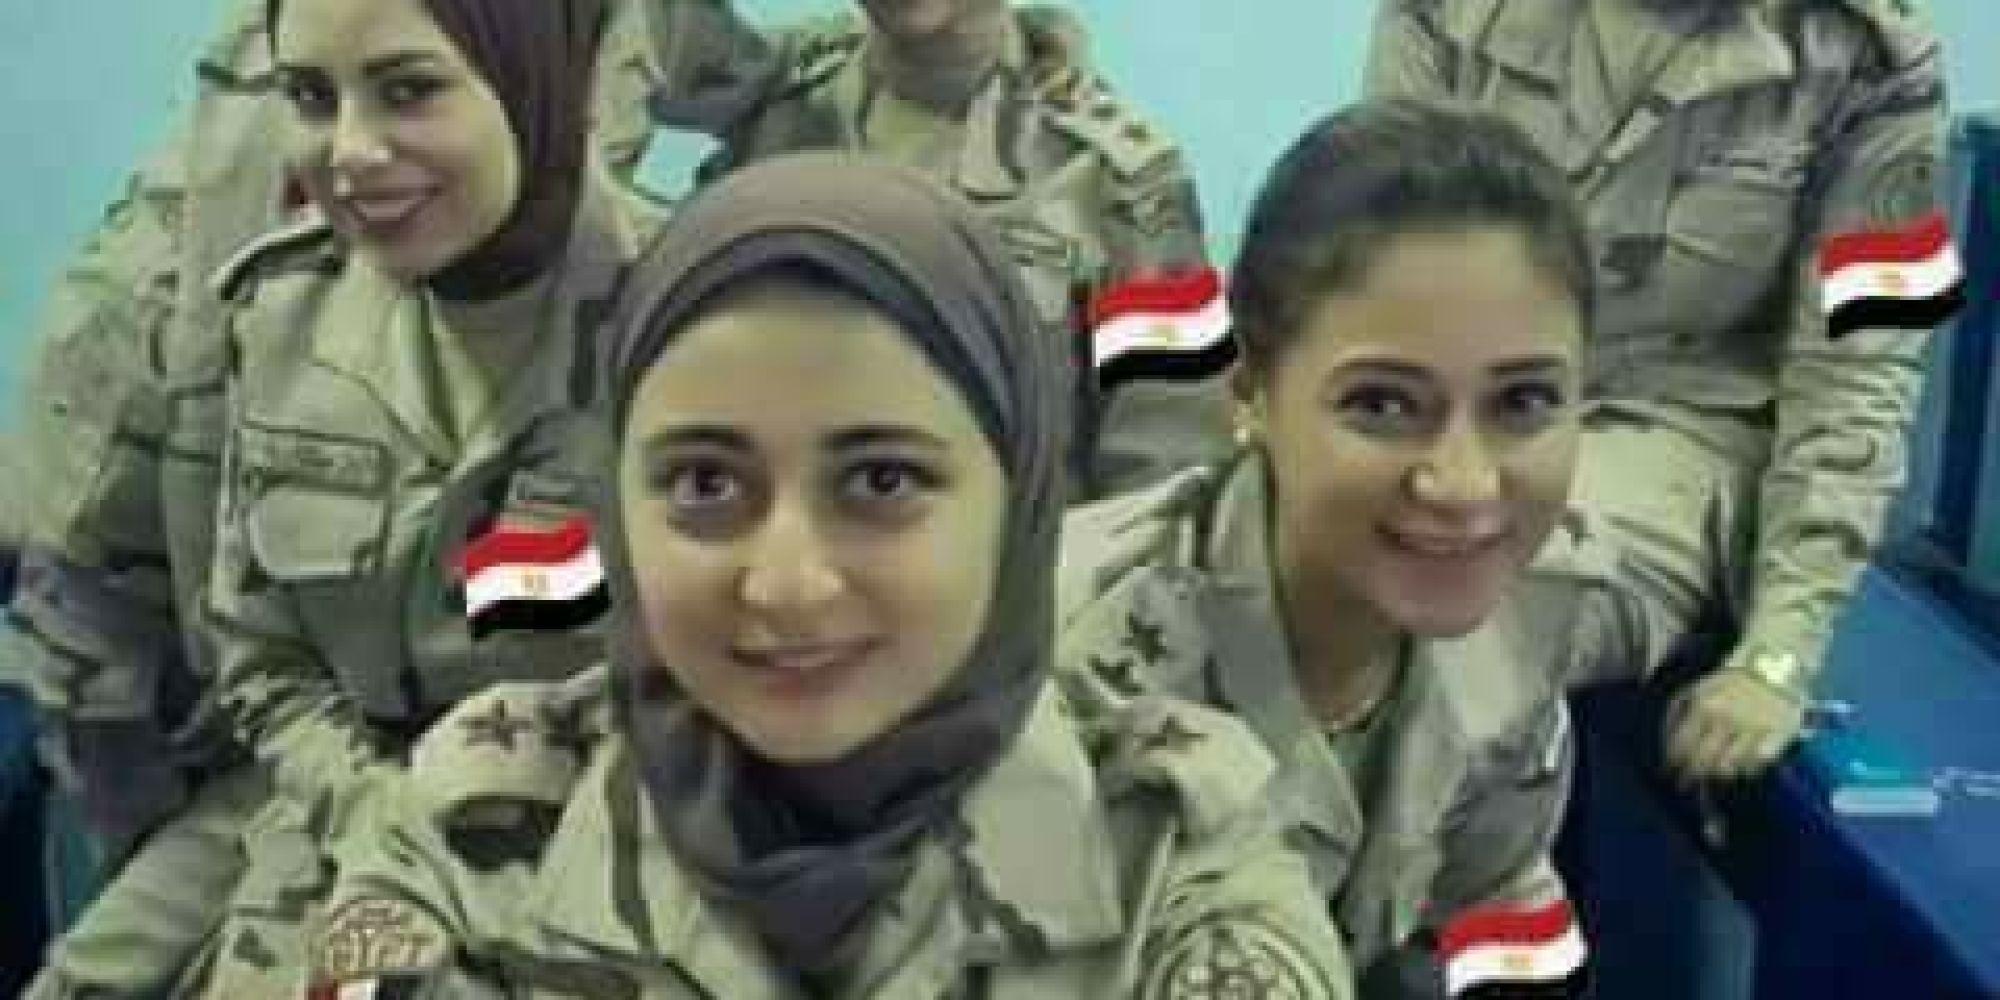 تجنيد  مدني  إجباري للفتيات يثير جدلاً في مصر.. لماذا عادت الخدمة الاجتماعية؟ وهل تحقق فائدة؟